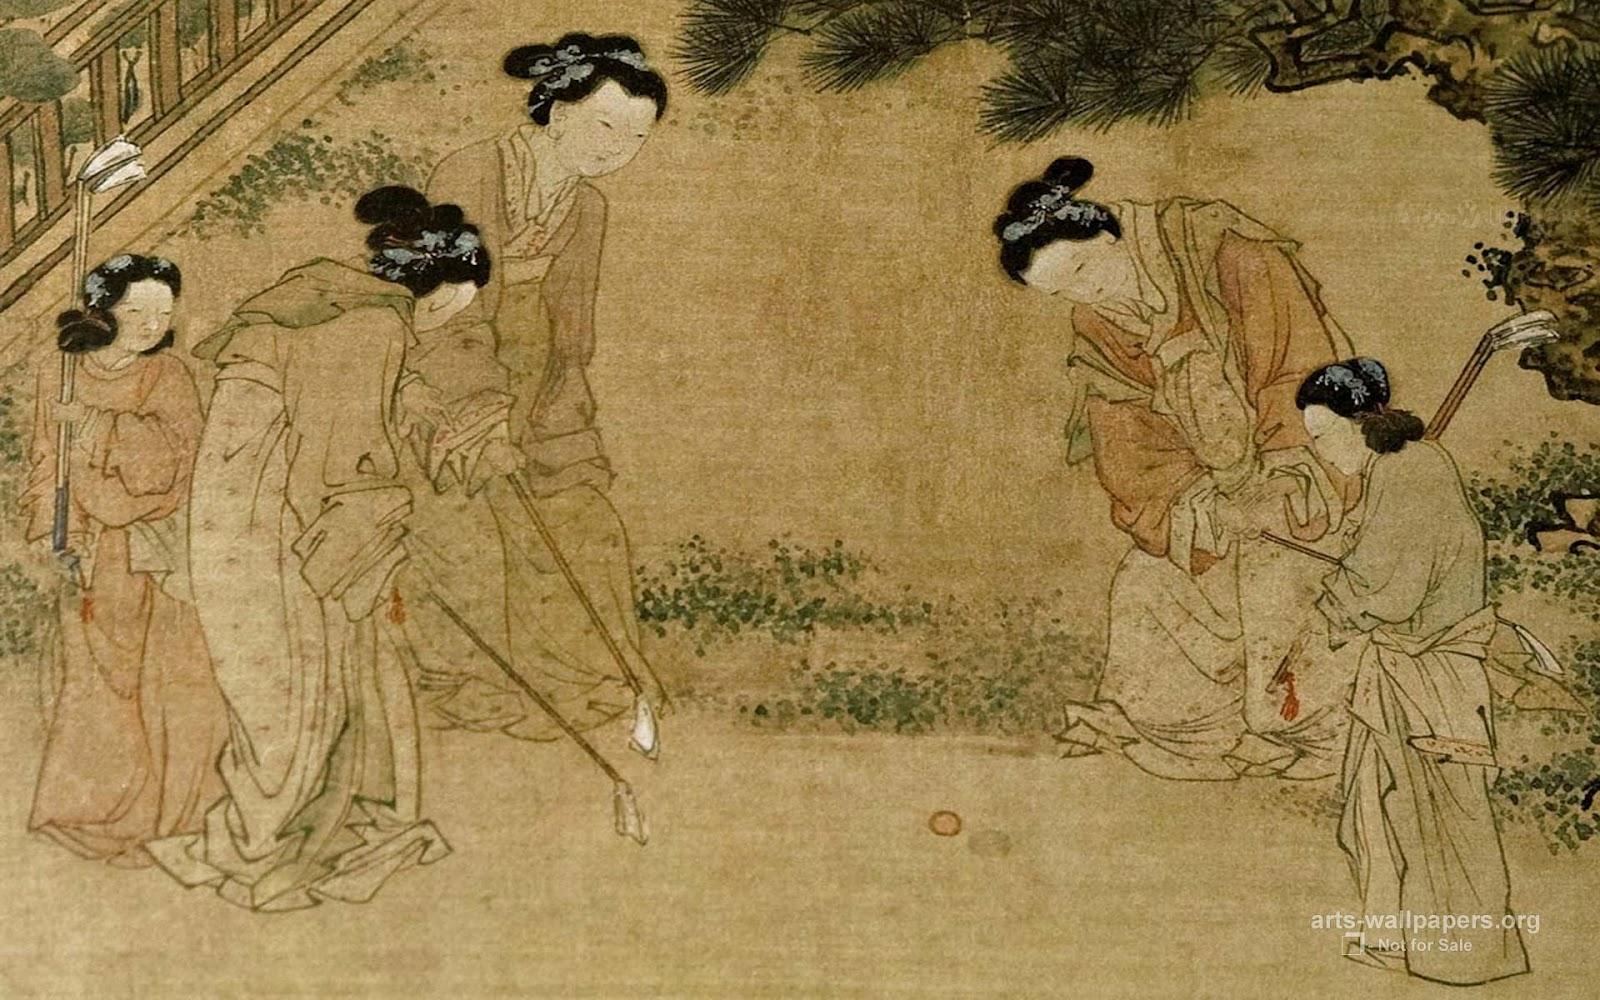 asian art wallpaper (4)